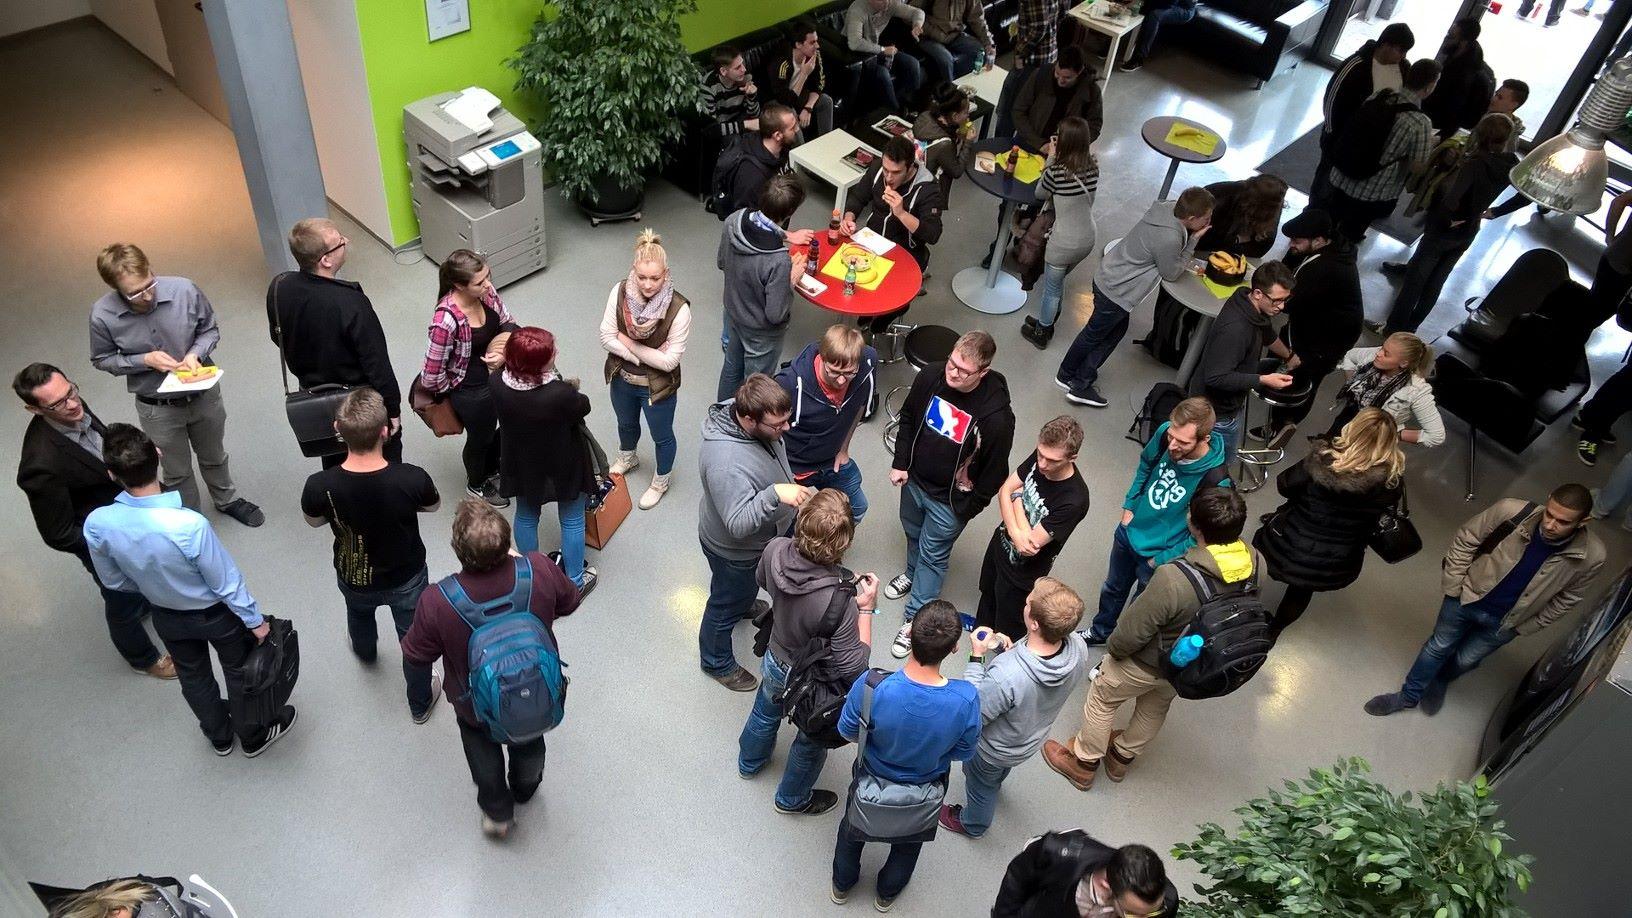 ITM Get-together Veranstaltung 2015 - 3 Jahrgänge starten ins Semester